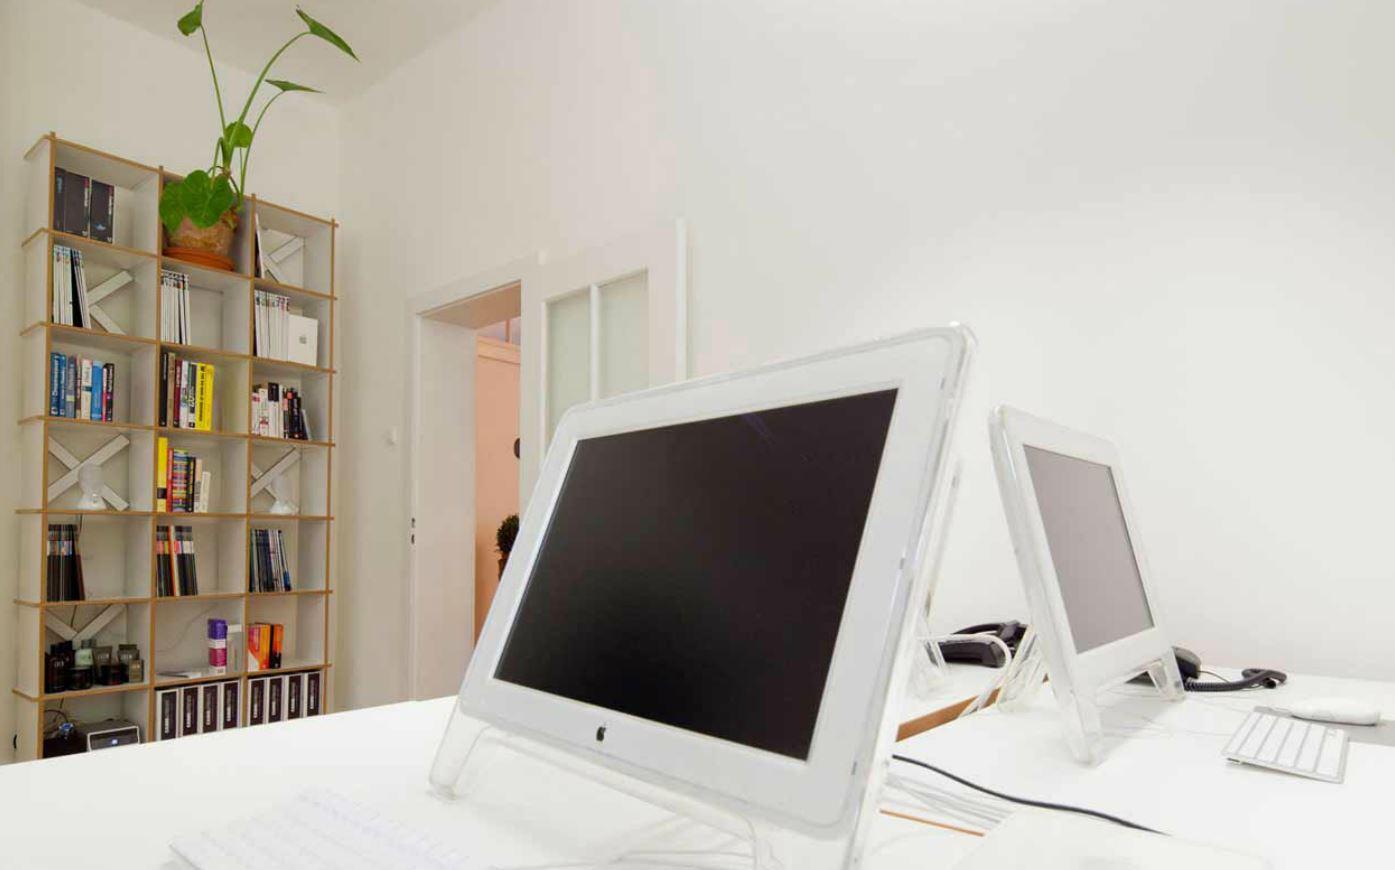 steckwerk referenzen referenzen erweiterbares. Black Bedroom Furniture Sets. Home Design Ideas